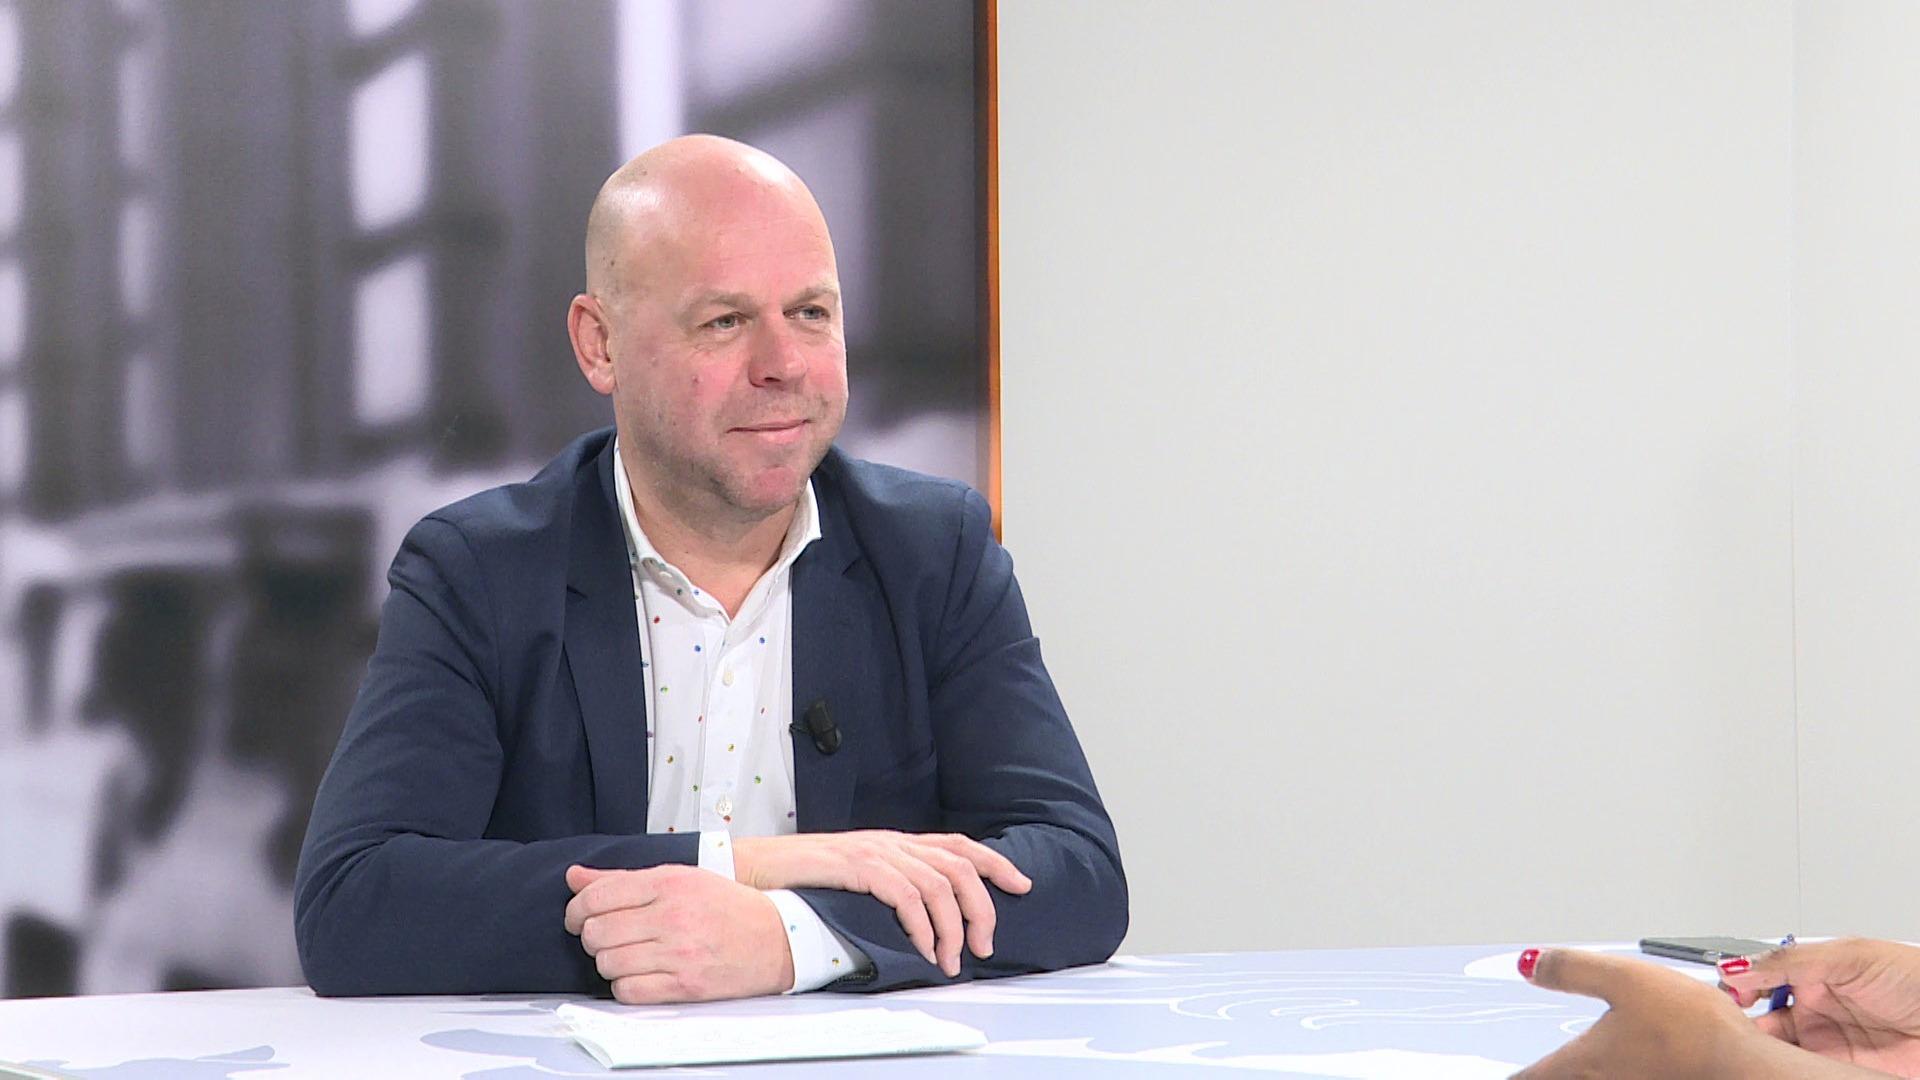 Studio Commissie: Kurt De Loor over de installatie van nieuwe gemeenteraden